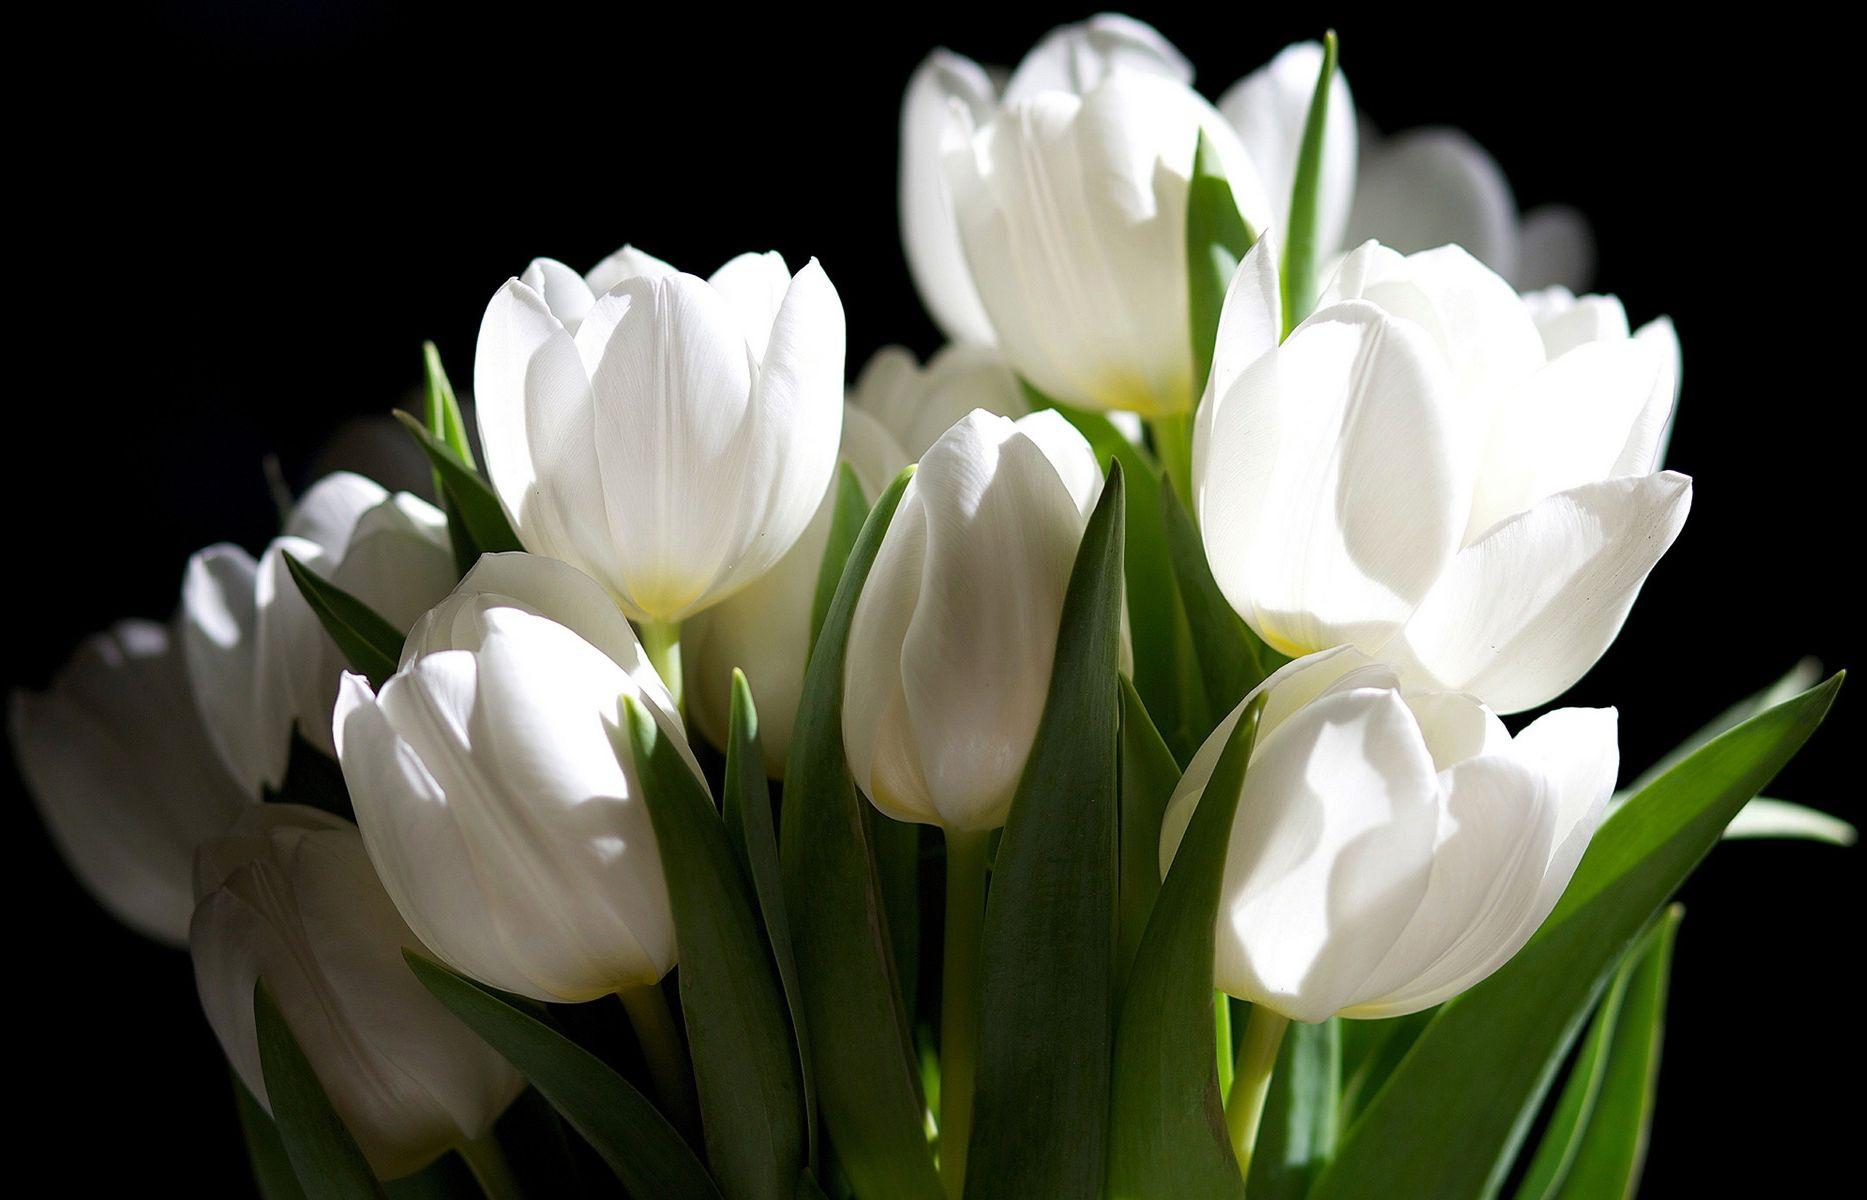 Best White flower wallpaper ideas on Pinterest Floral